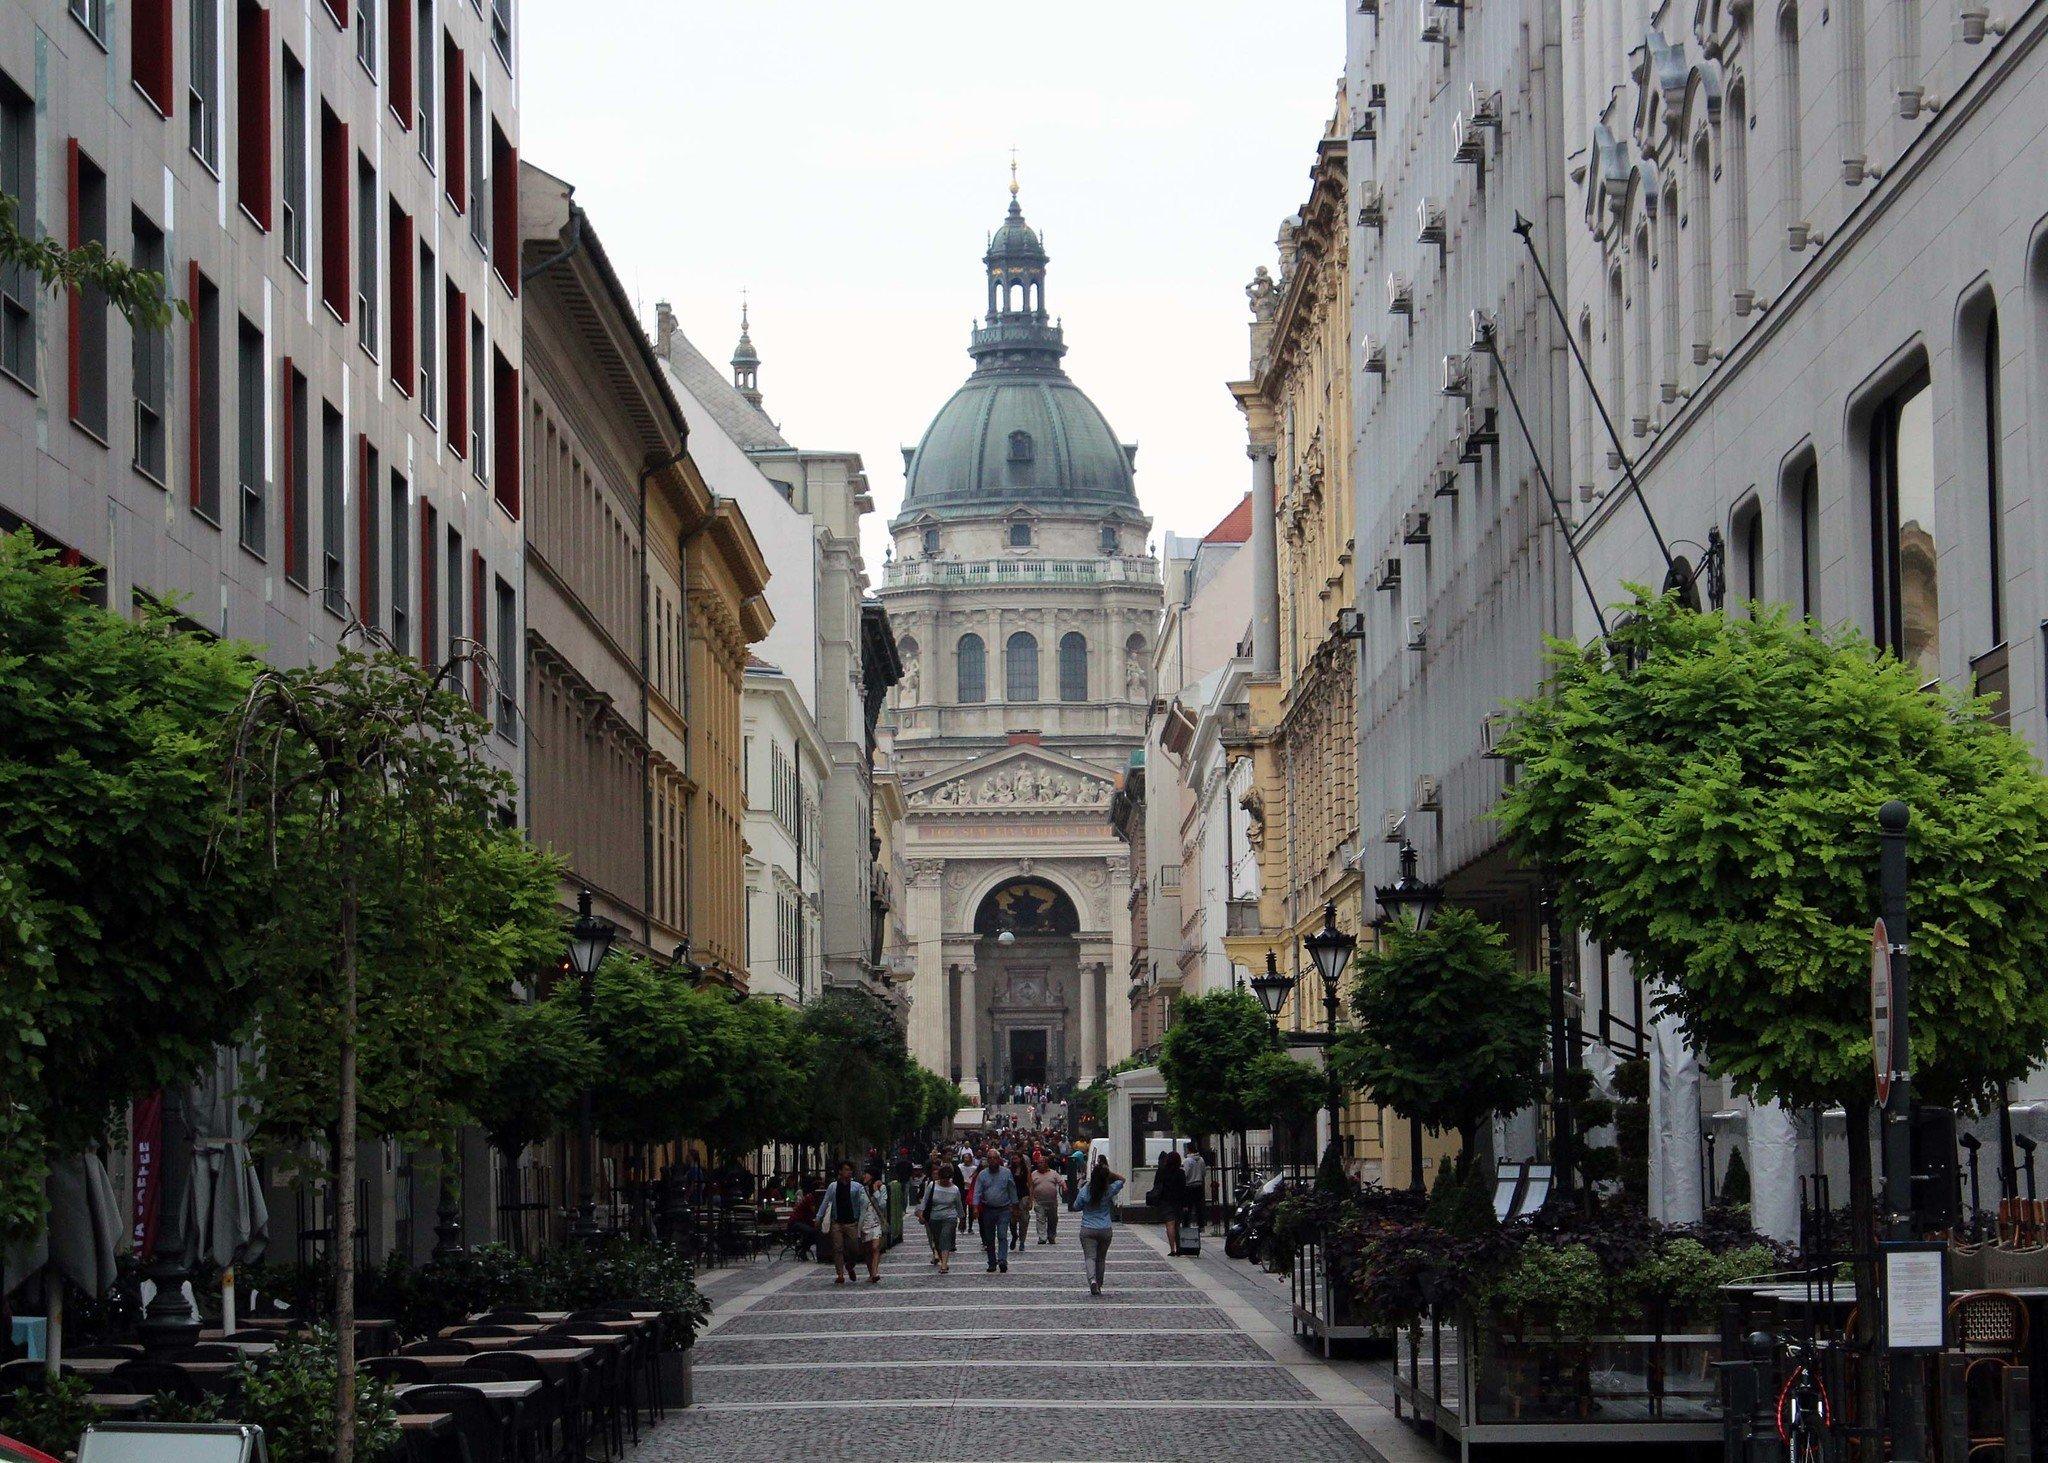 St. Stephen's Basilica budapest kató alpár